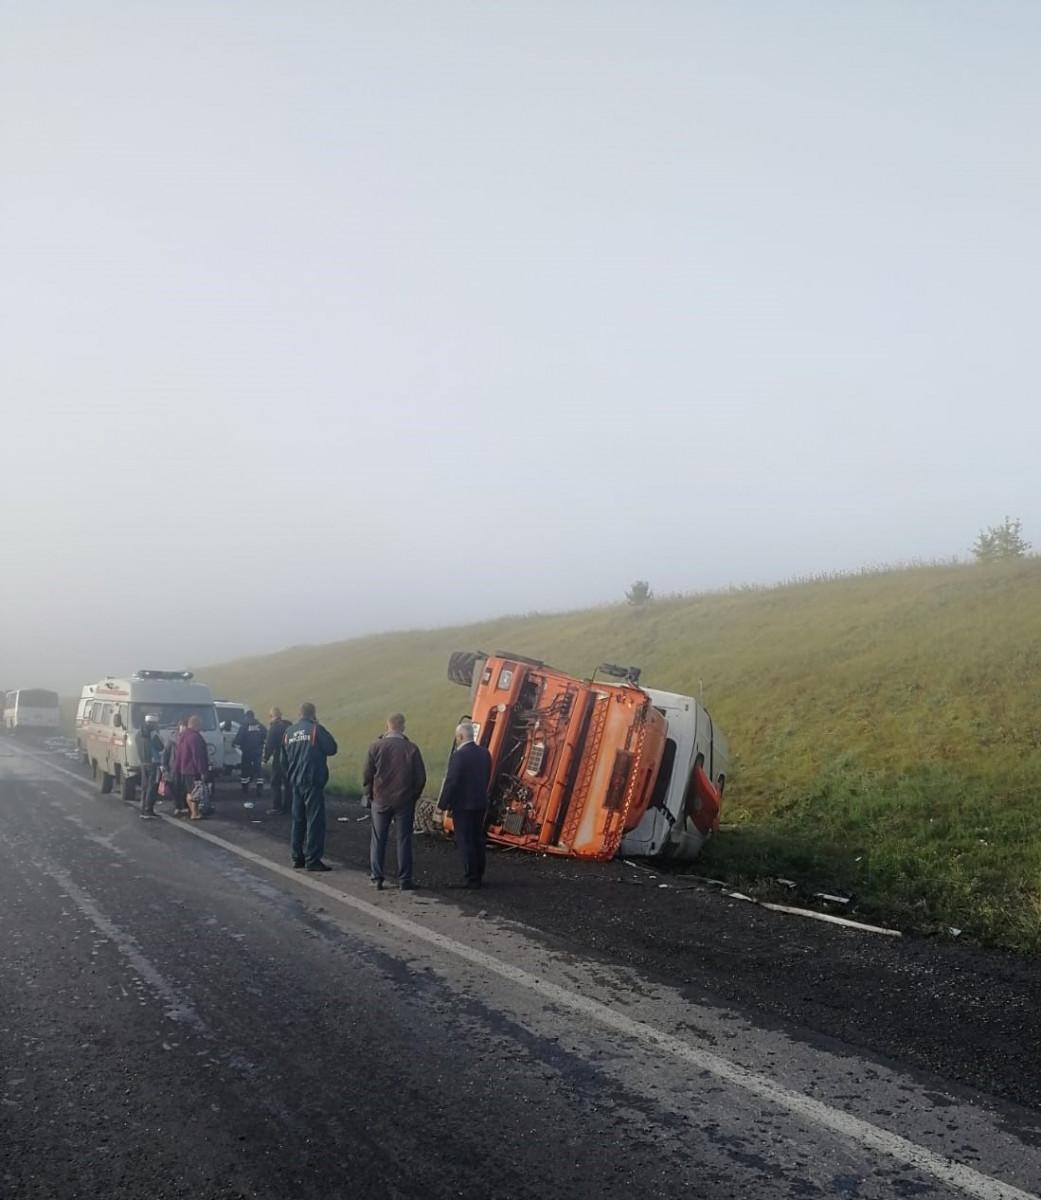 В Прокопьевском районе при столкновении грузовика и вахтового автобуса пострадали 11 человек